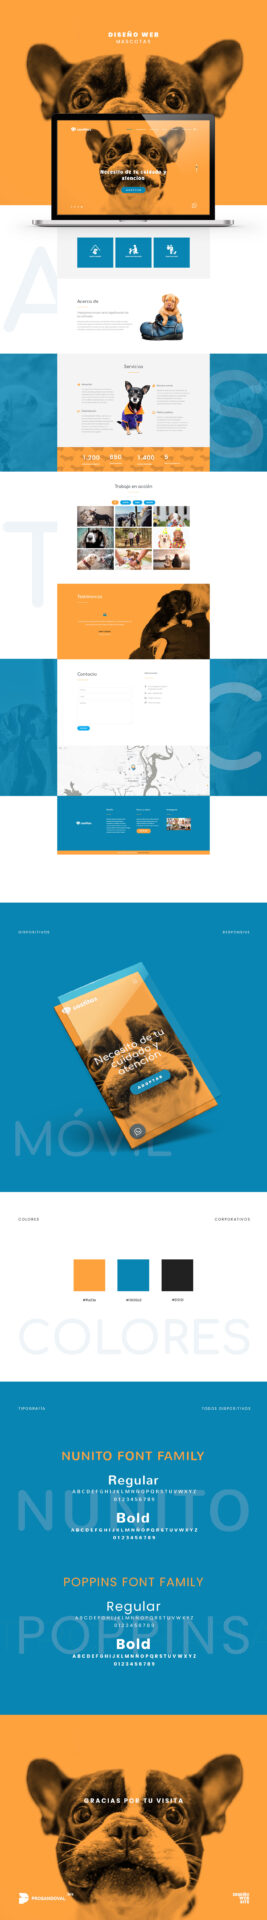 Pagina-web-mascotas-caso-estudio